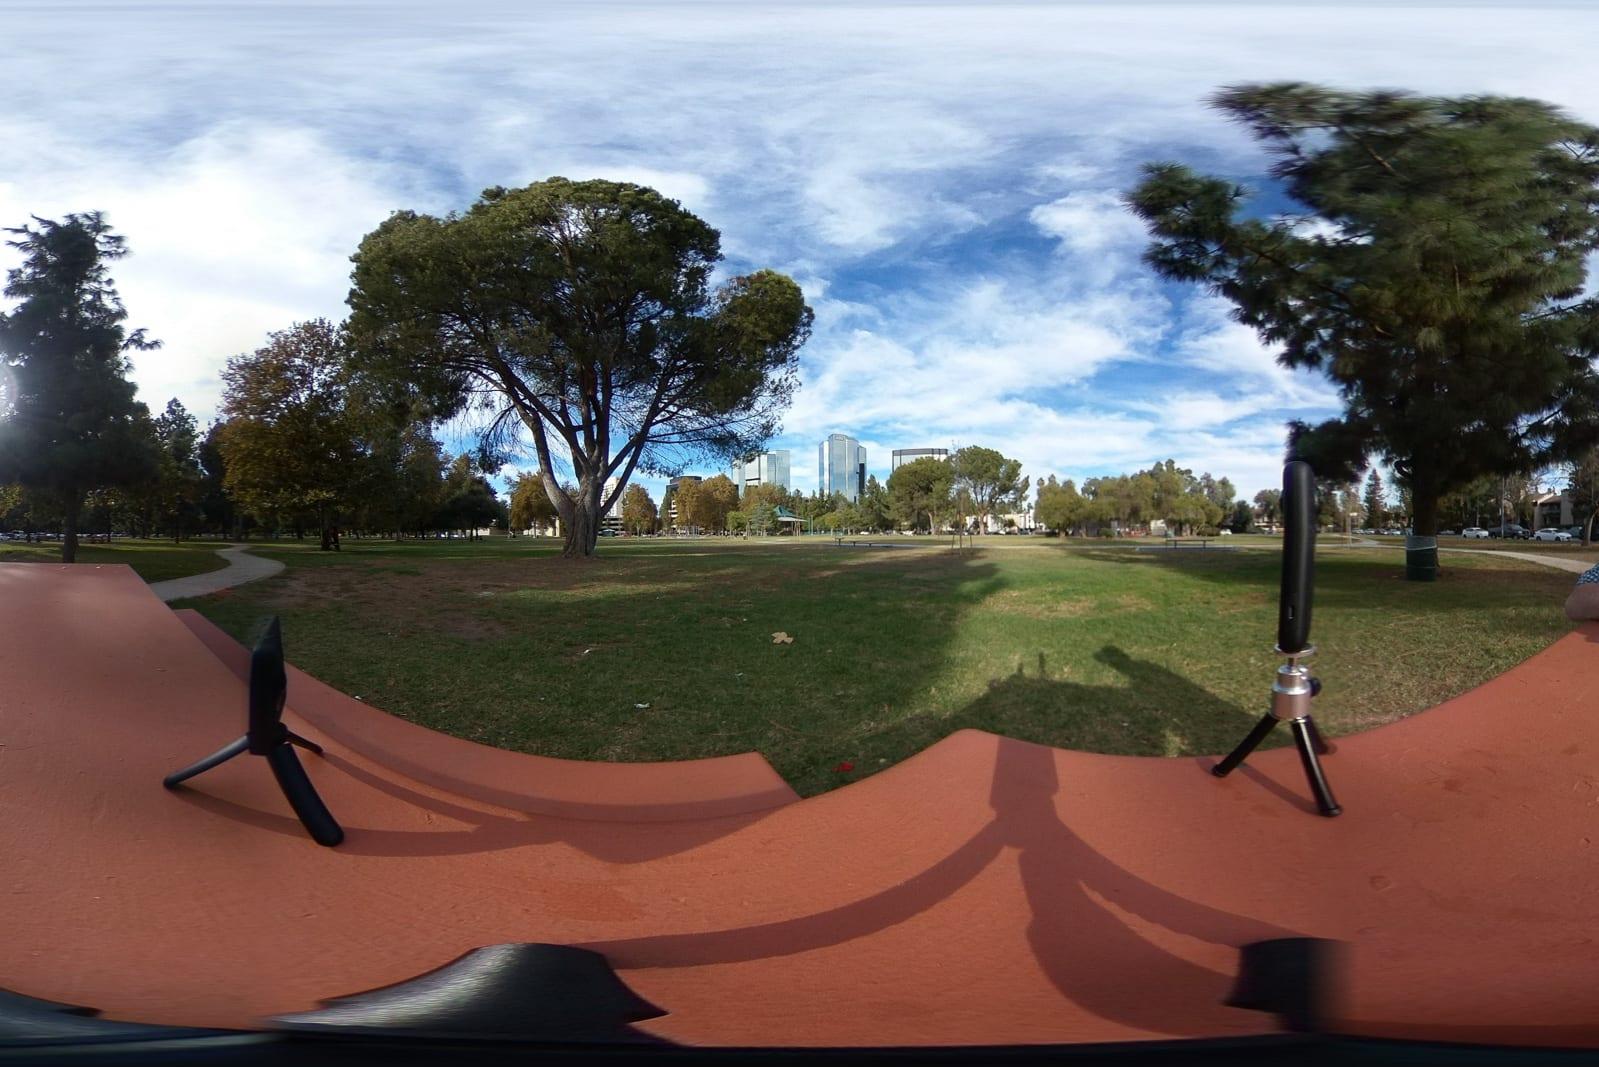 360-degree cameras